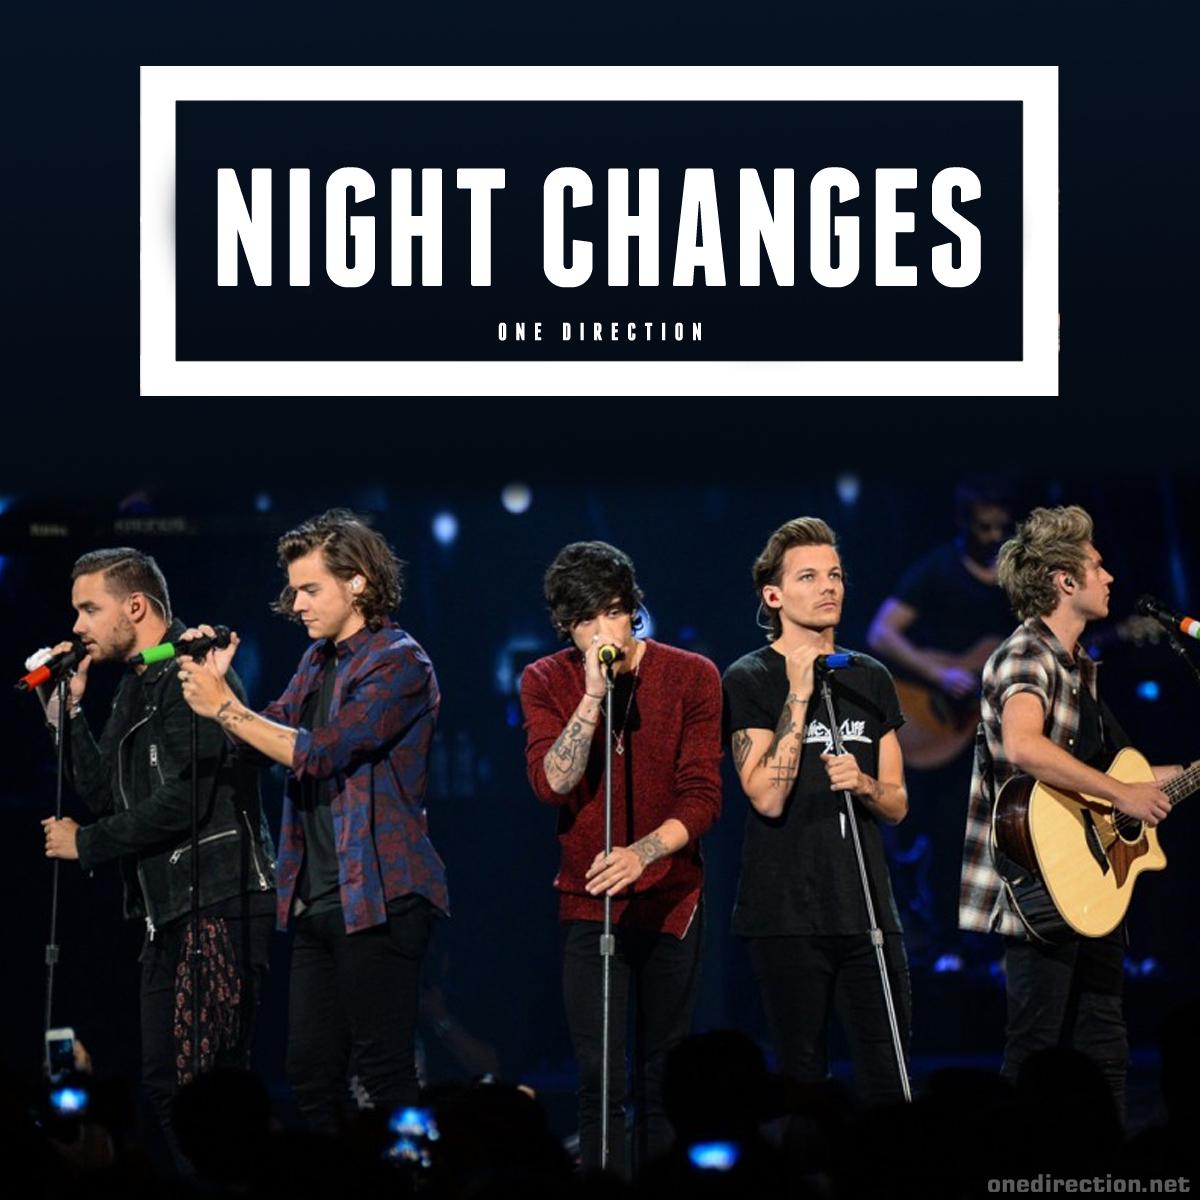 ترجمه متن و دانلود آهنگ Night Changes از One Direction